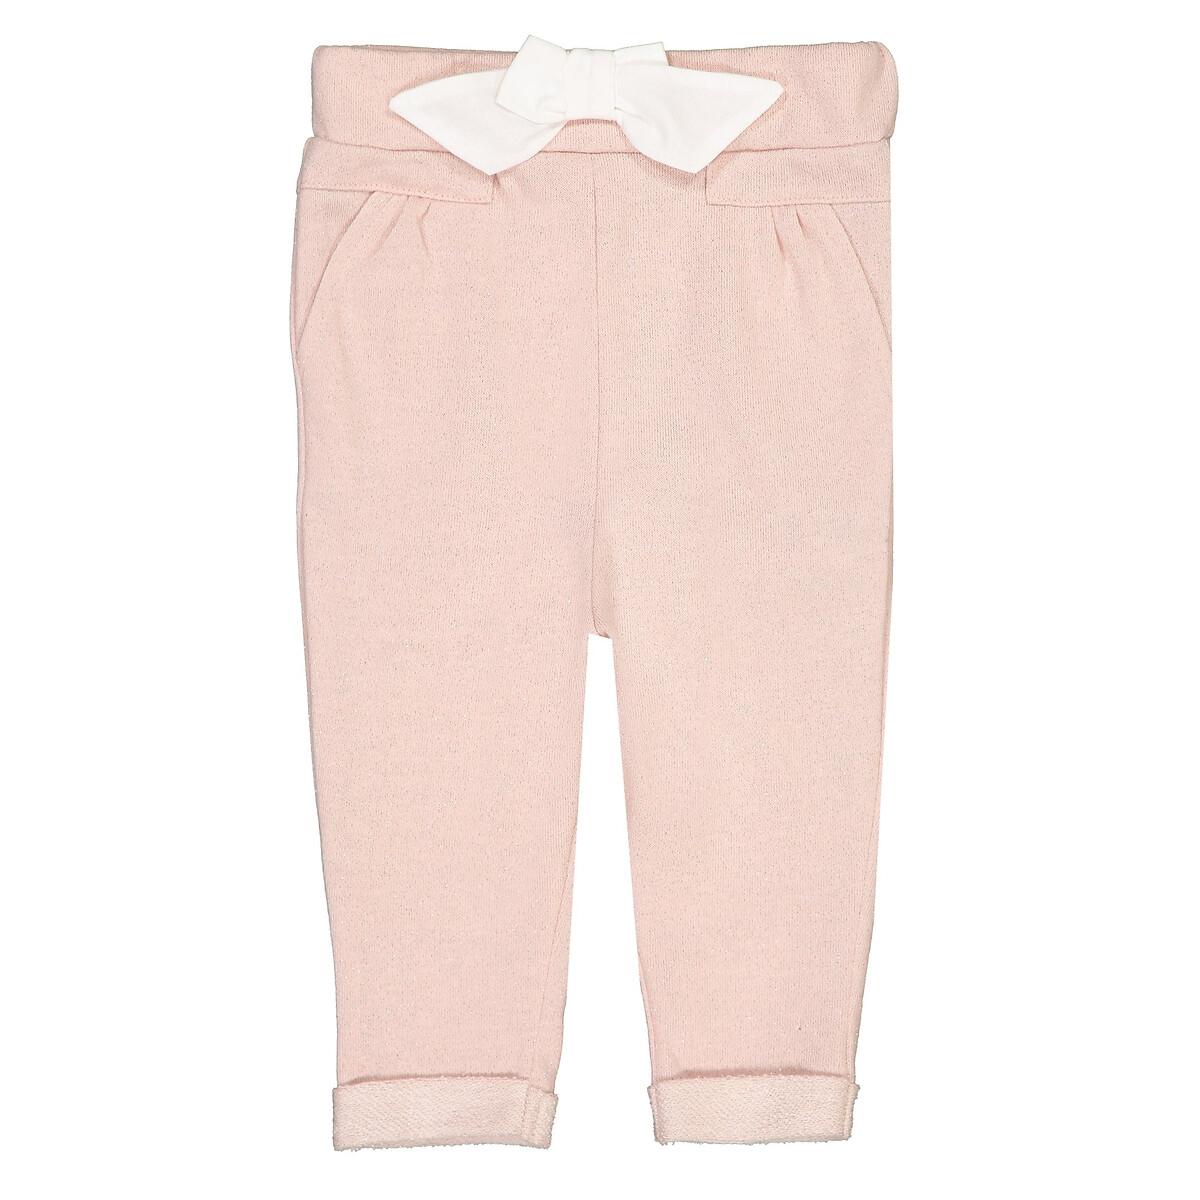 Брюки LaRedoute Из мольтона с бантом 1 мес - 3 года 9 мес. - 71 см розовый брюки laredoute из мольтона с бантом 1 мес 3 года 9 мес 71 см розовый